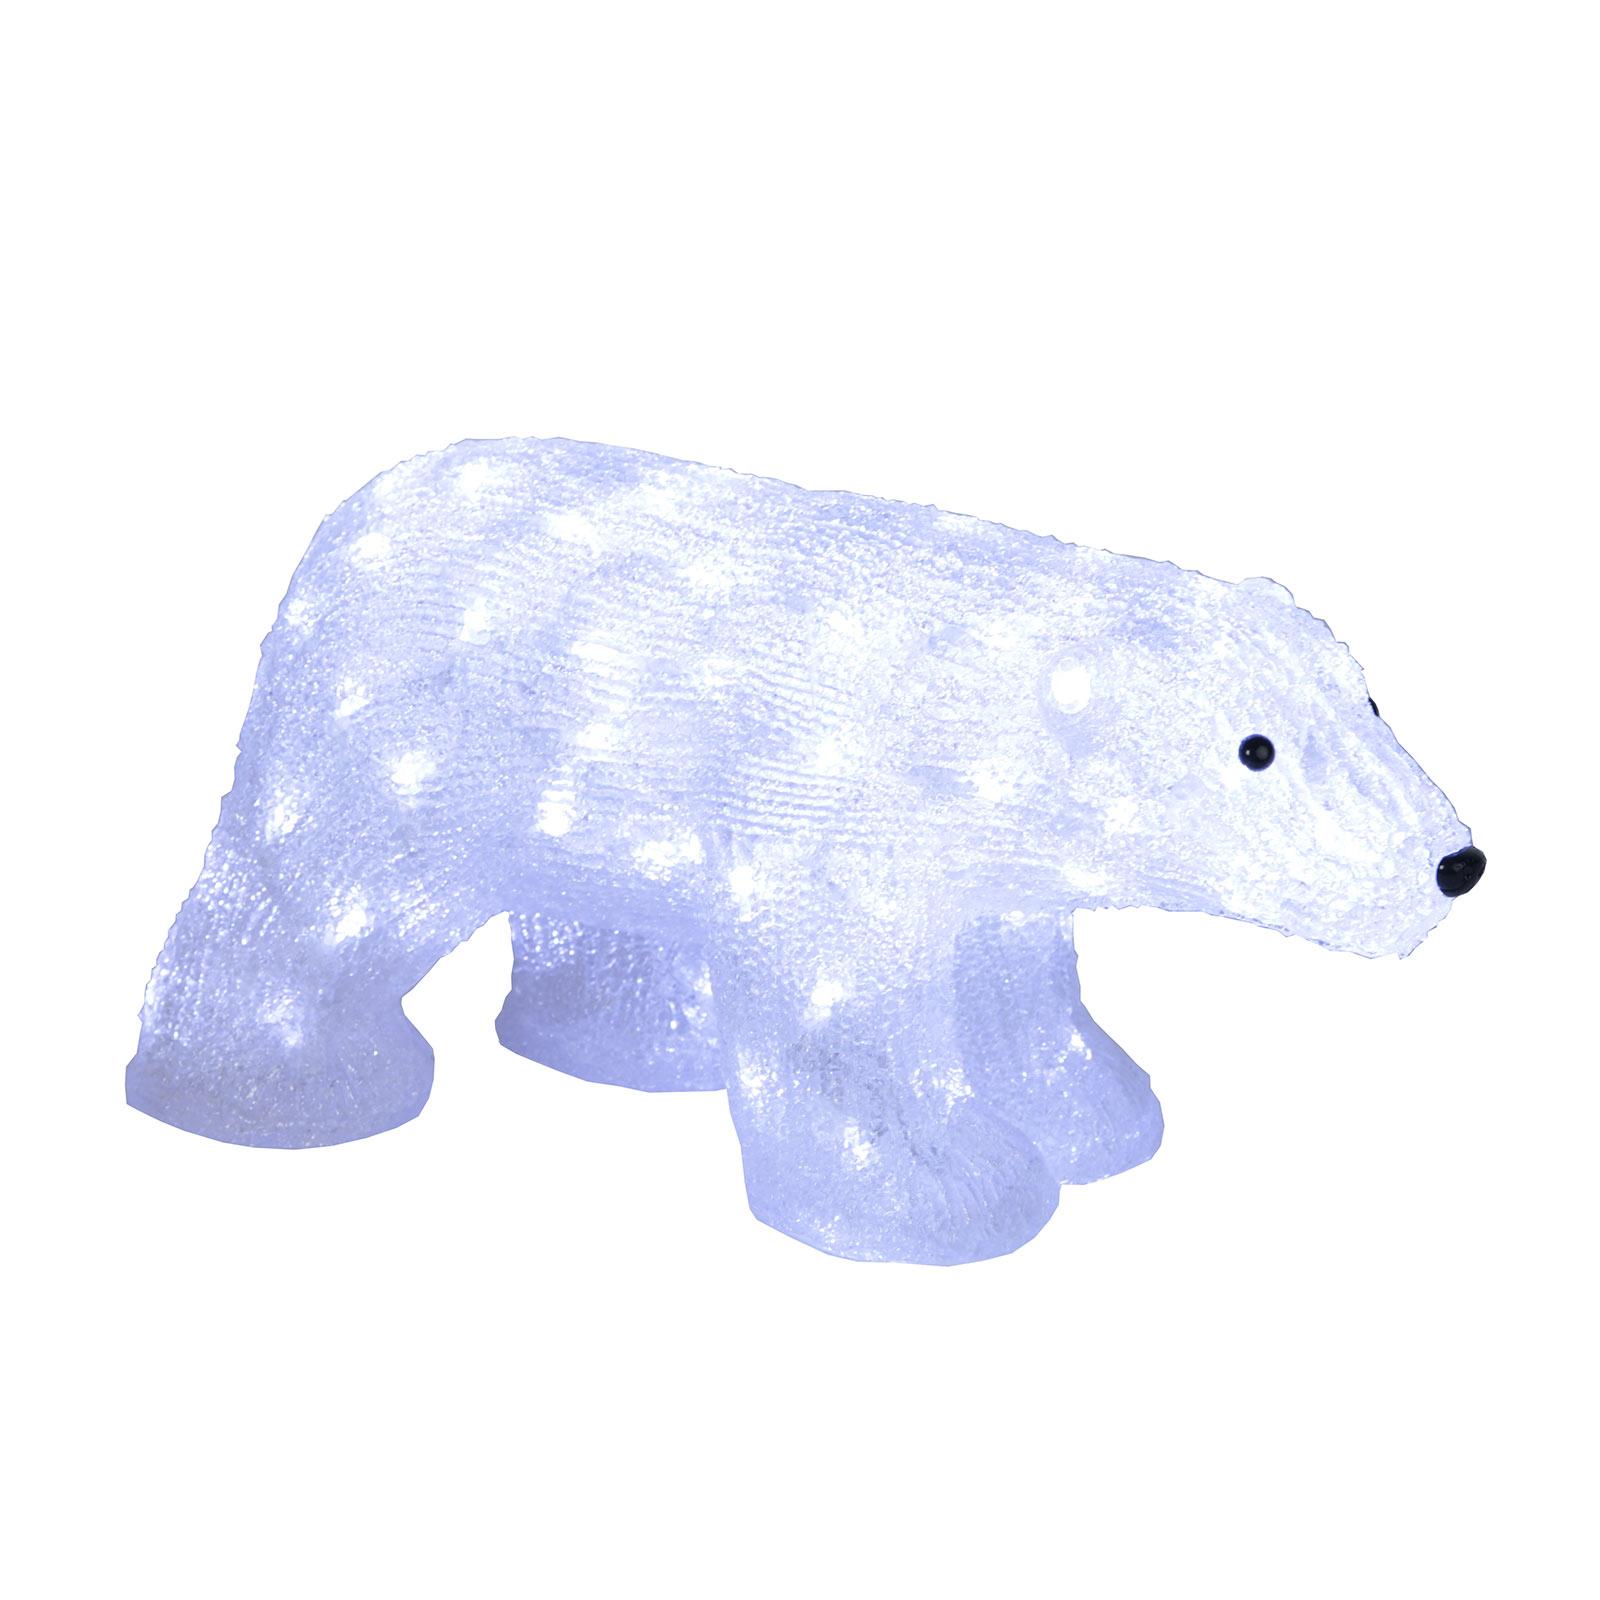 LED-Figur Crystalo Eisbär für außen Länge 49,5 cm